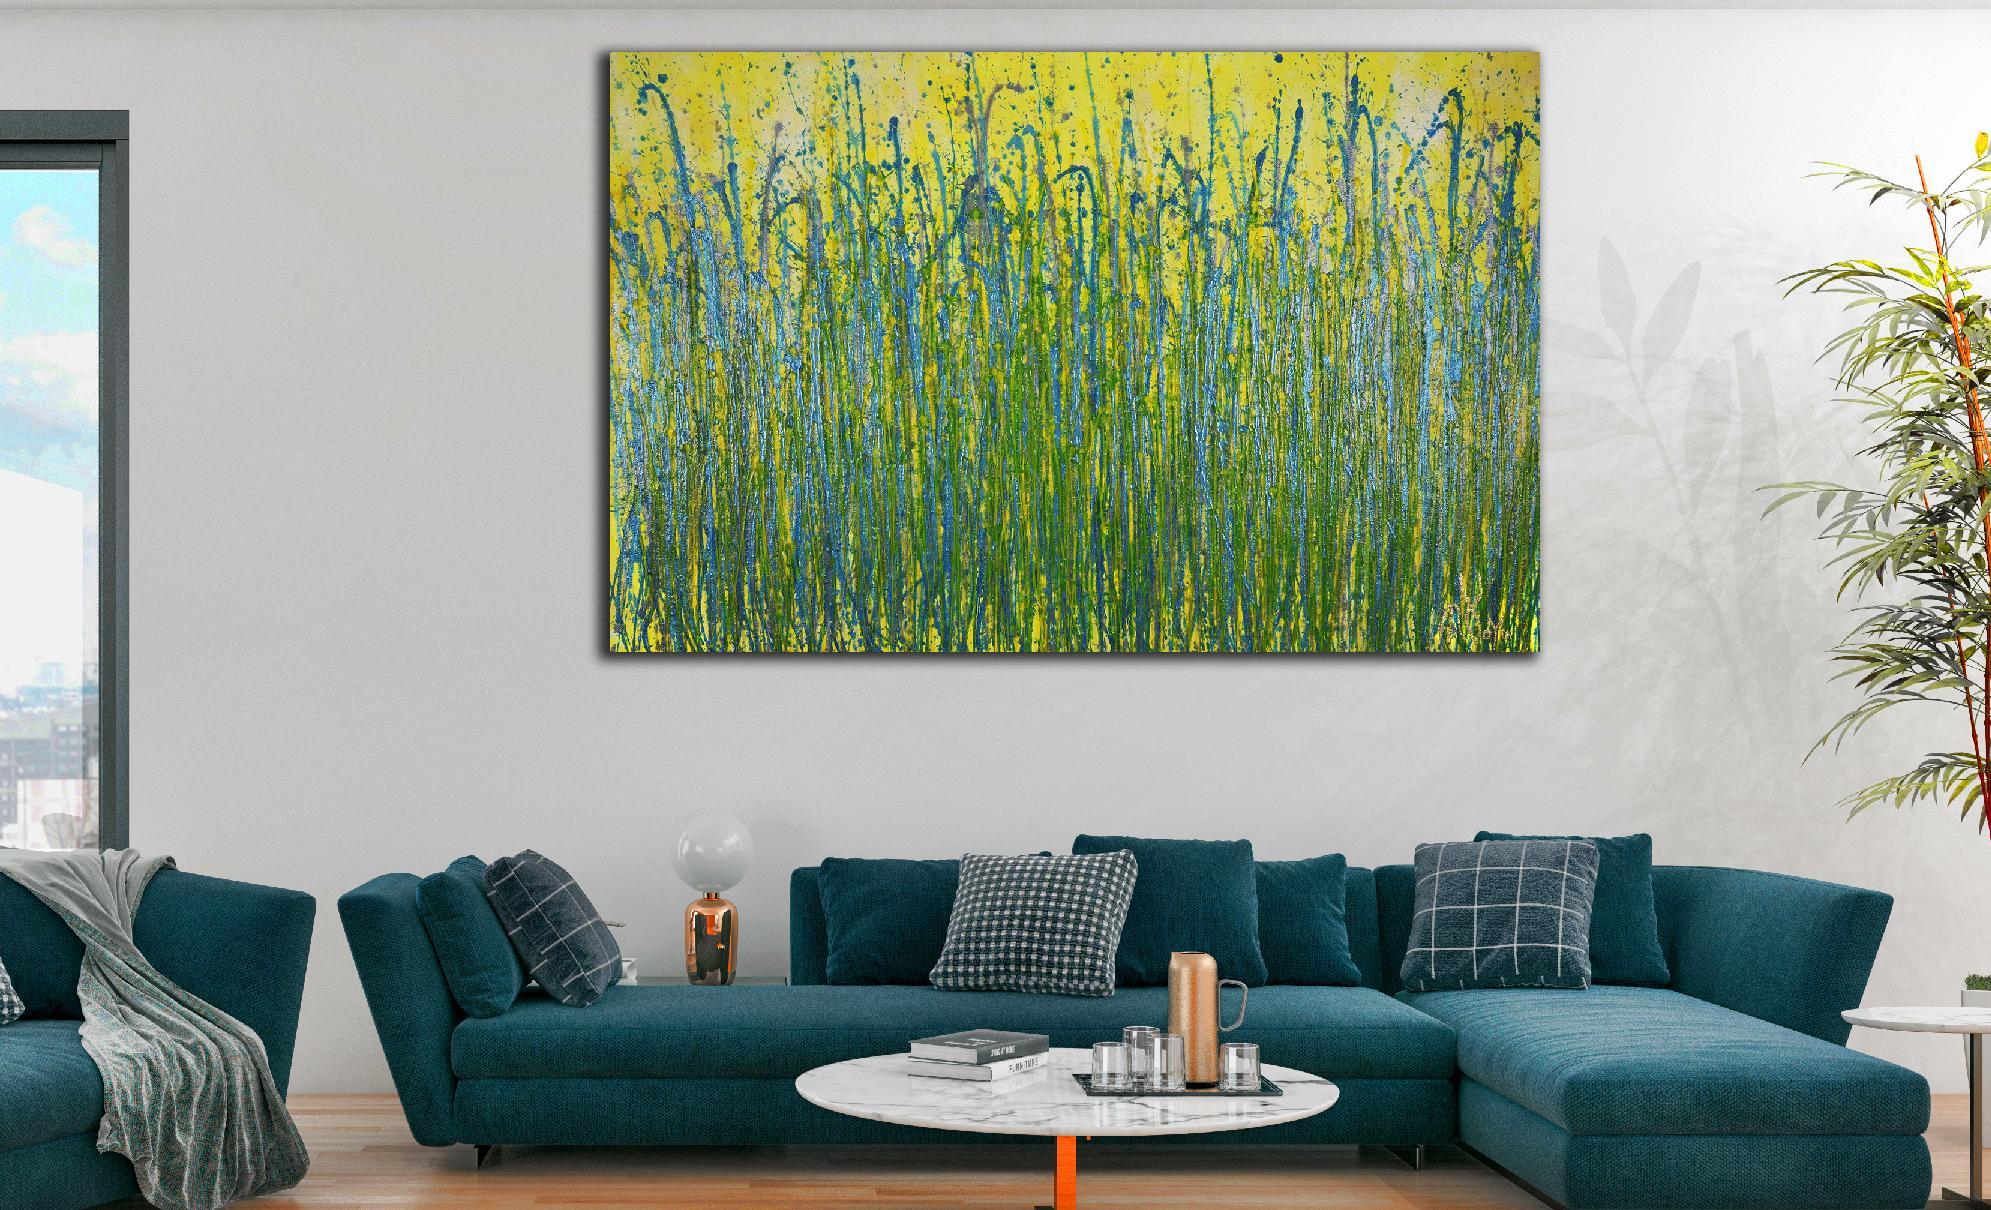 Room View - A closer look (Luminance garden) 4 (2020) by Nestor Toro